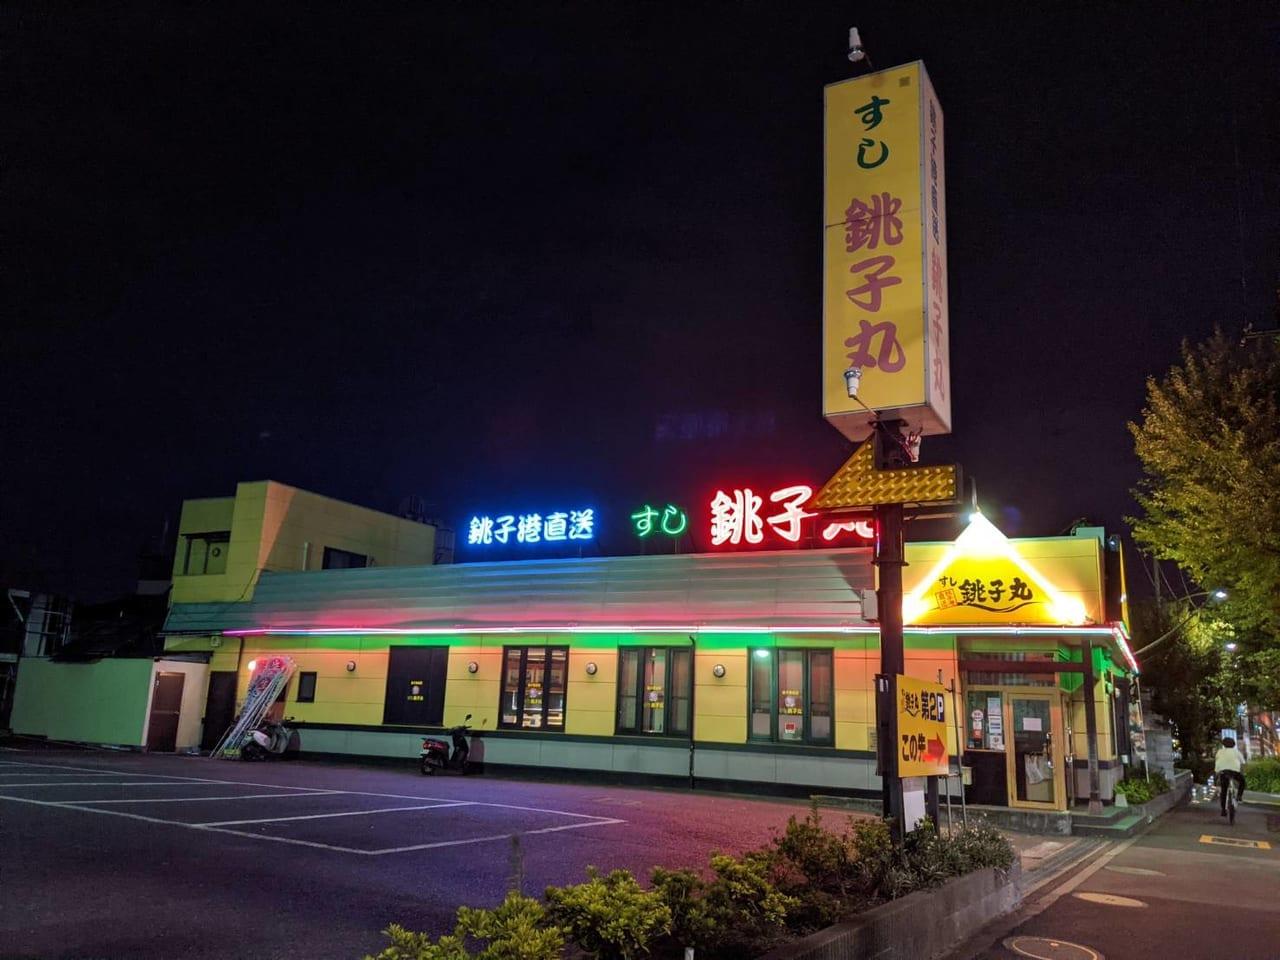 銚子丸葛西店